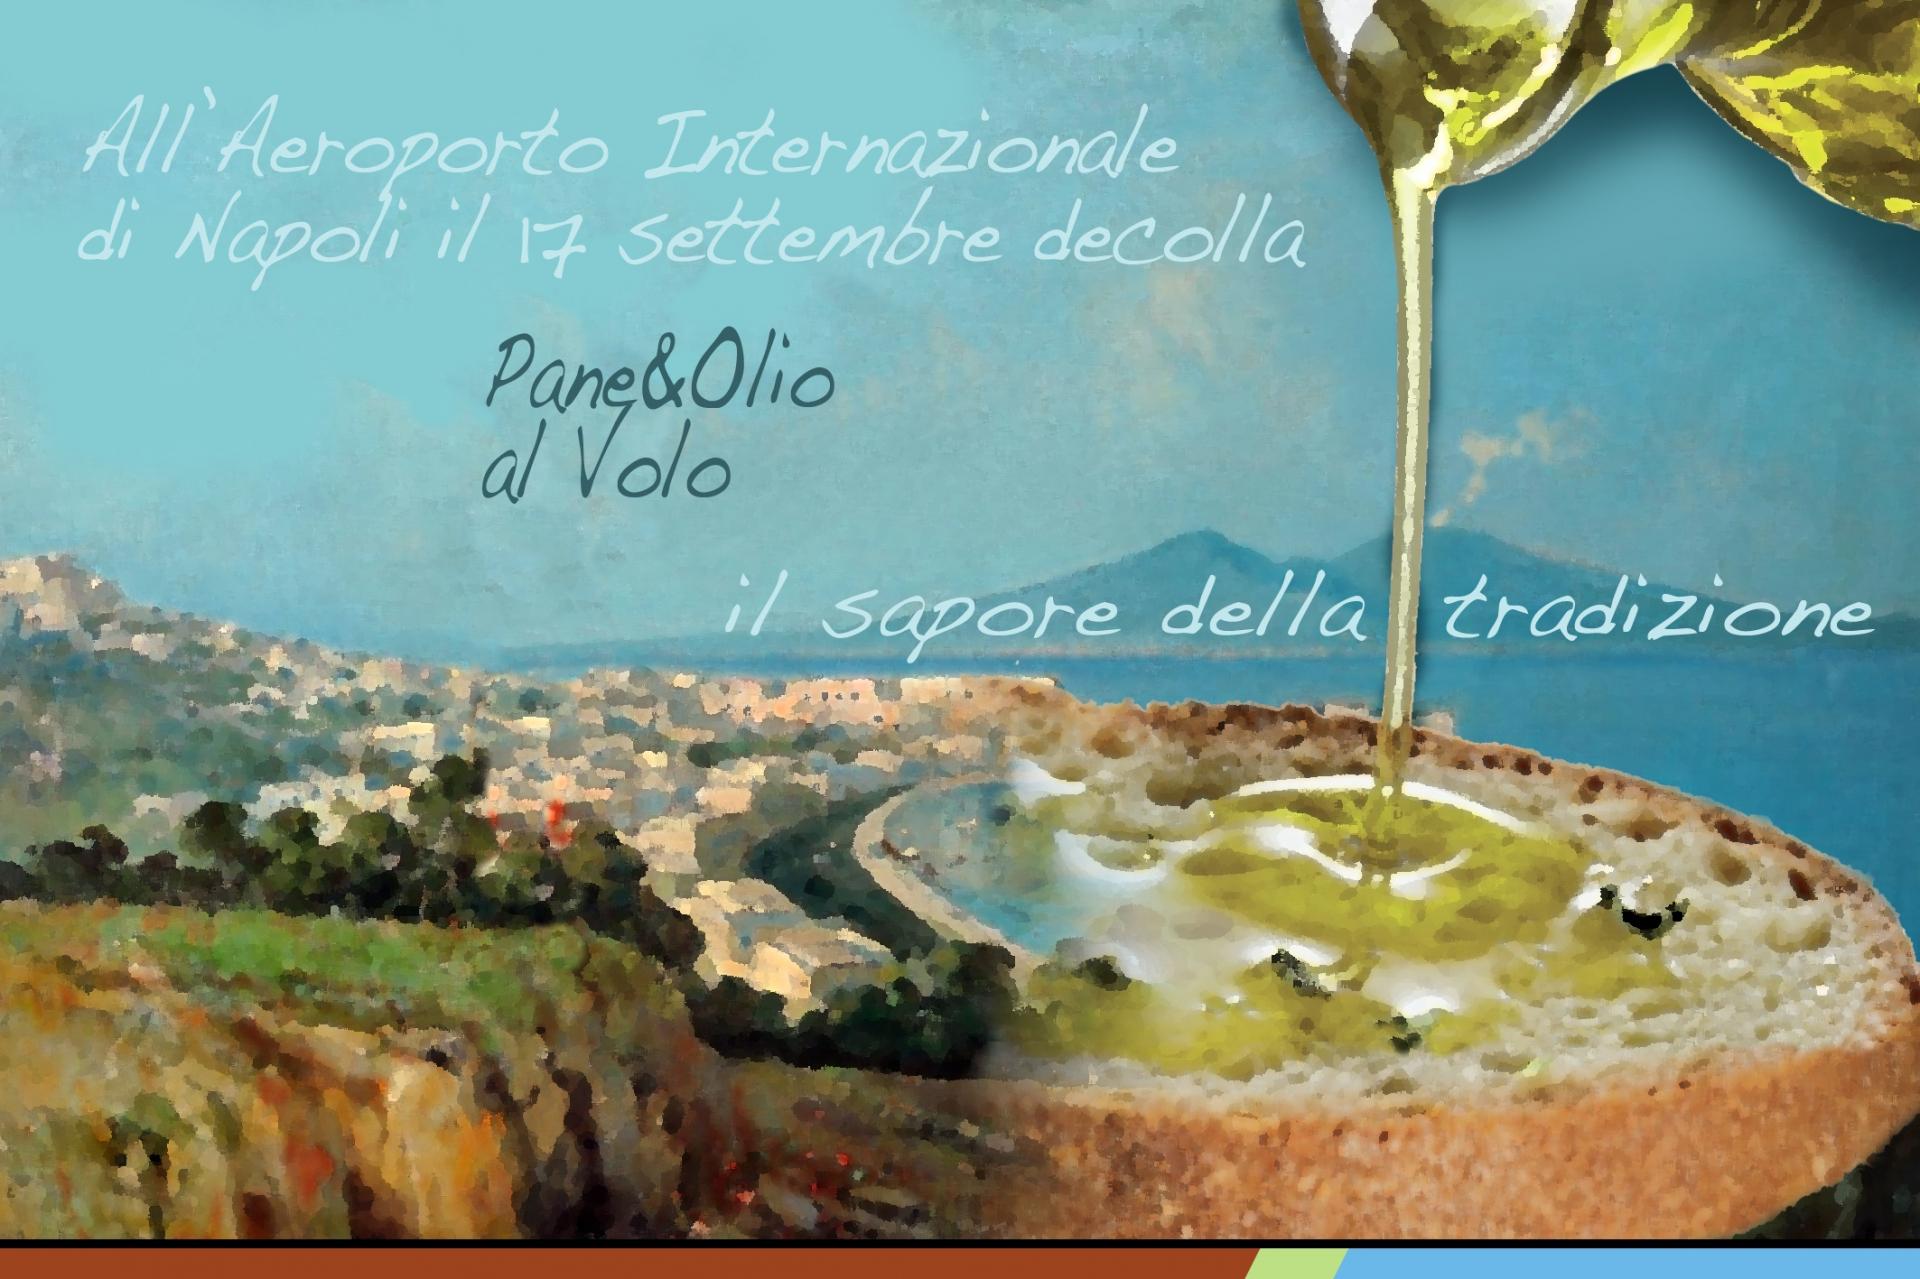 """Chiamata per il volo """"Pane&Olio"""": la merenda della tradizione italiana è attesa all'Aeroporto di Napoli"""